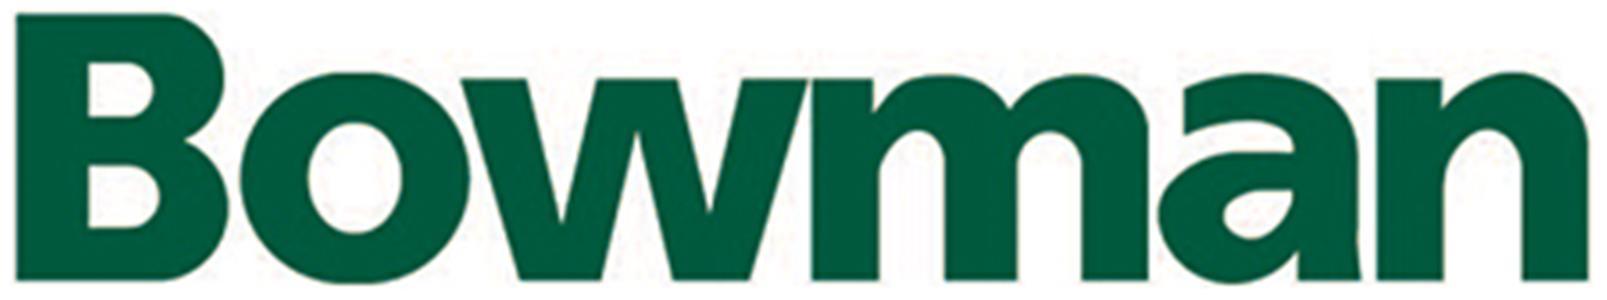 BWMN logo